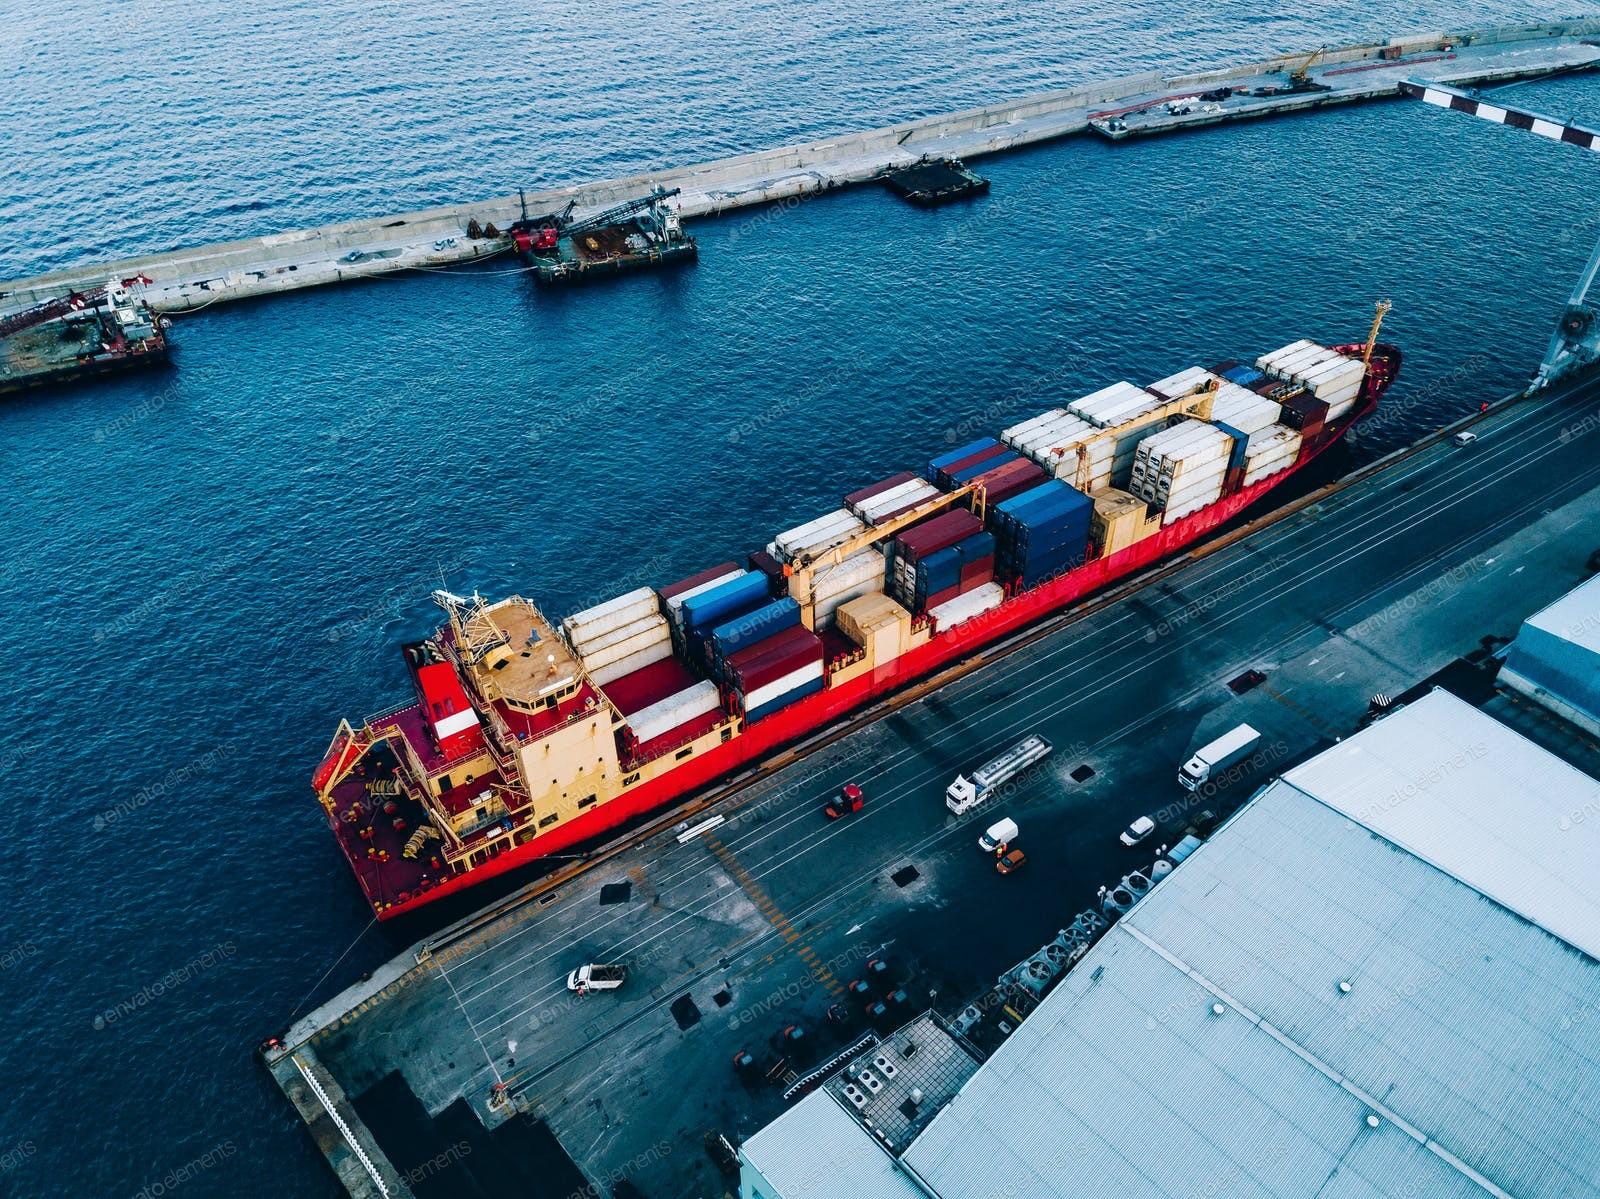 شراكة بين إكسبولينك والتجارة العربية البرازيلية لتعظيم نمو الصادرات